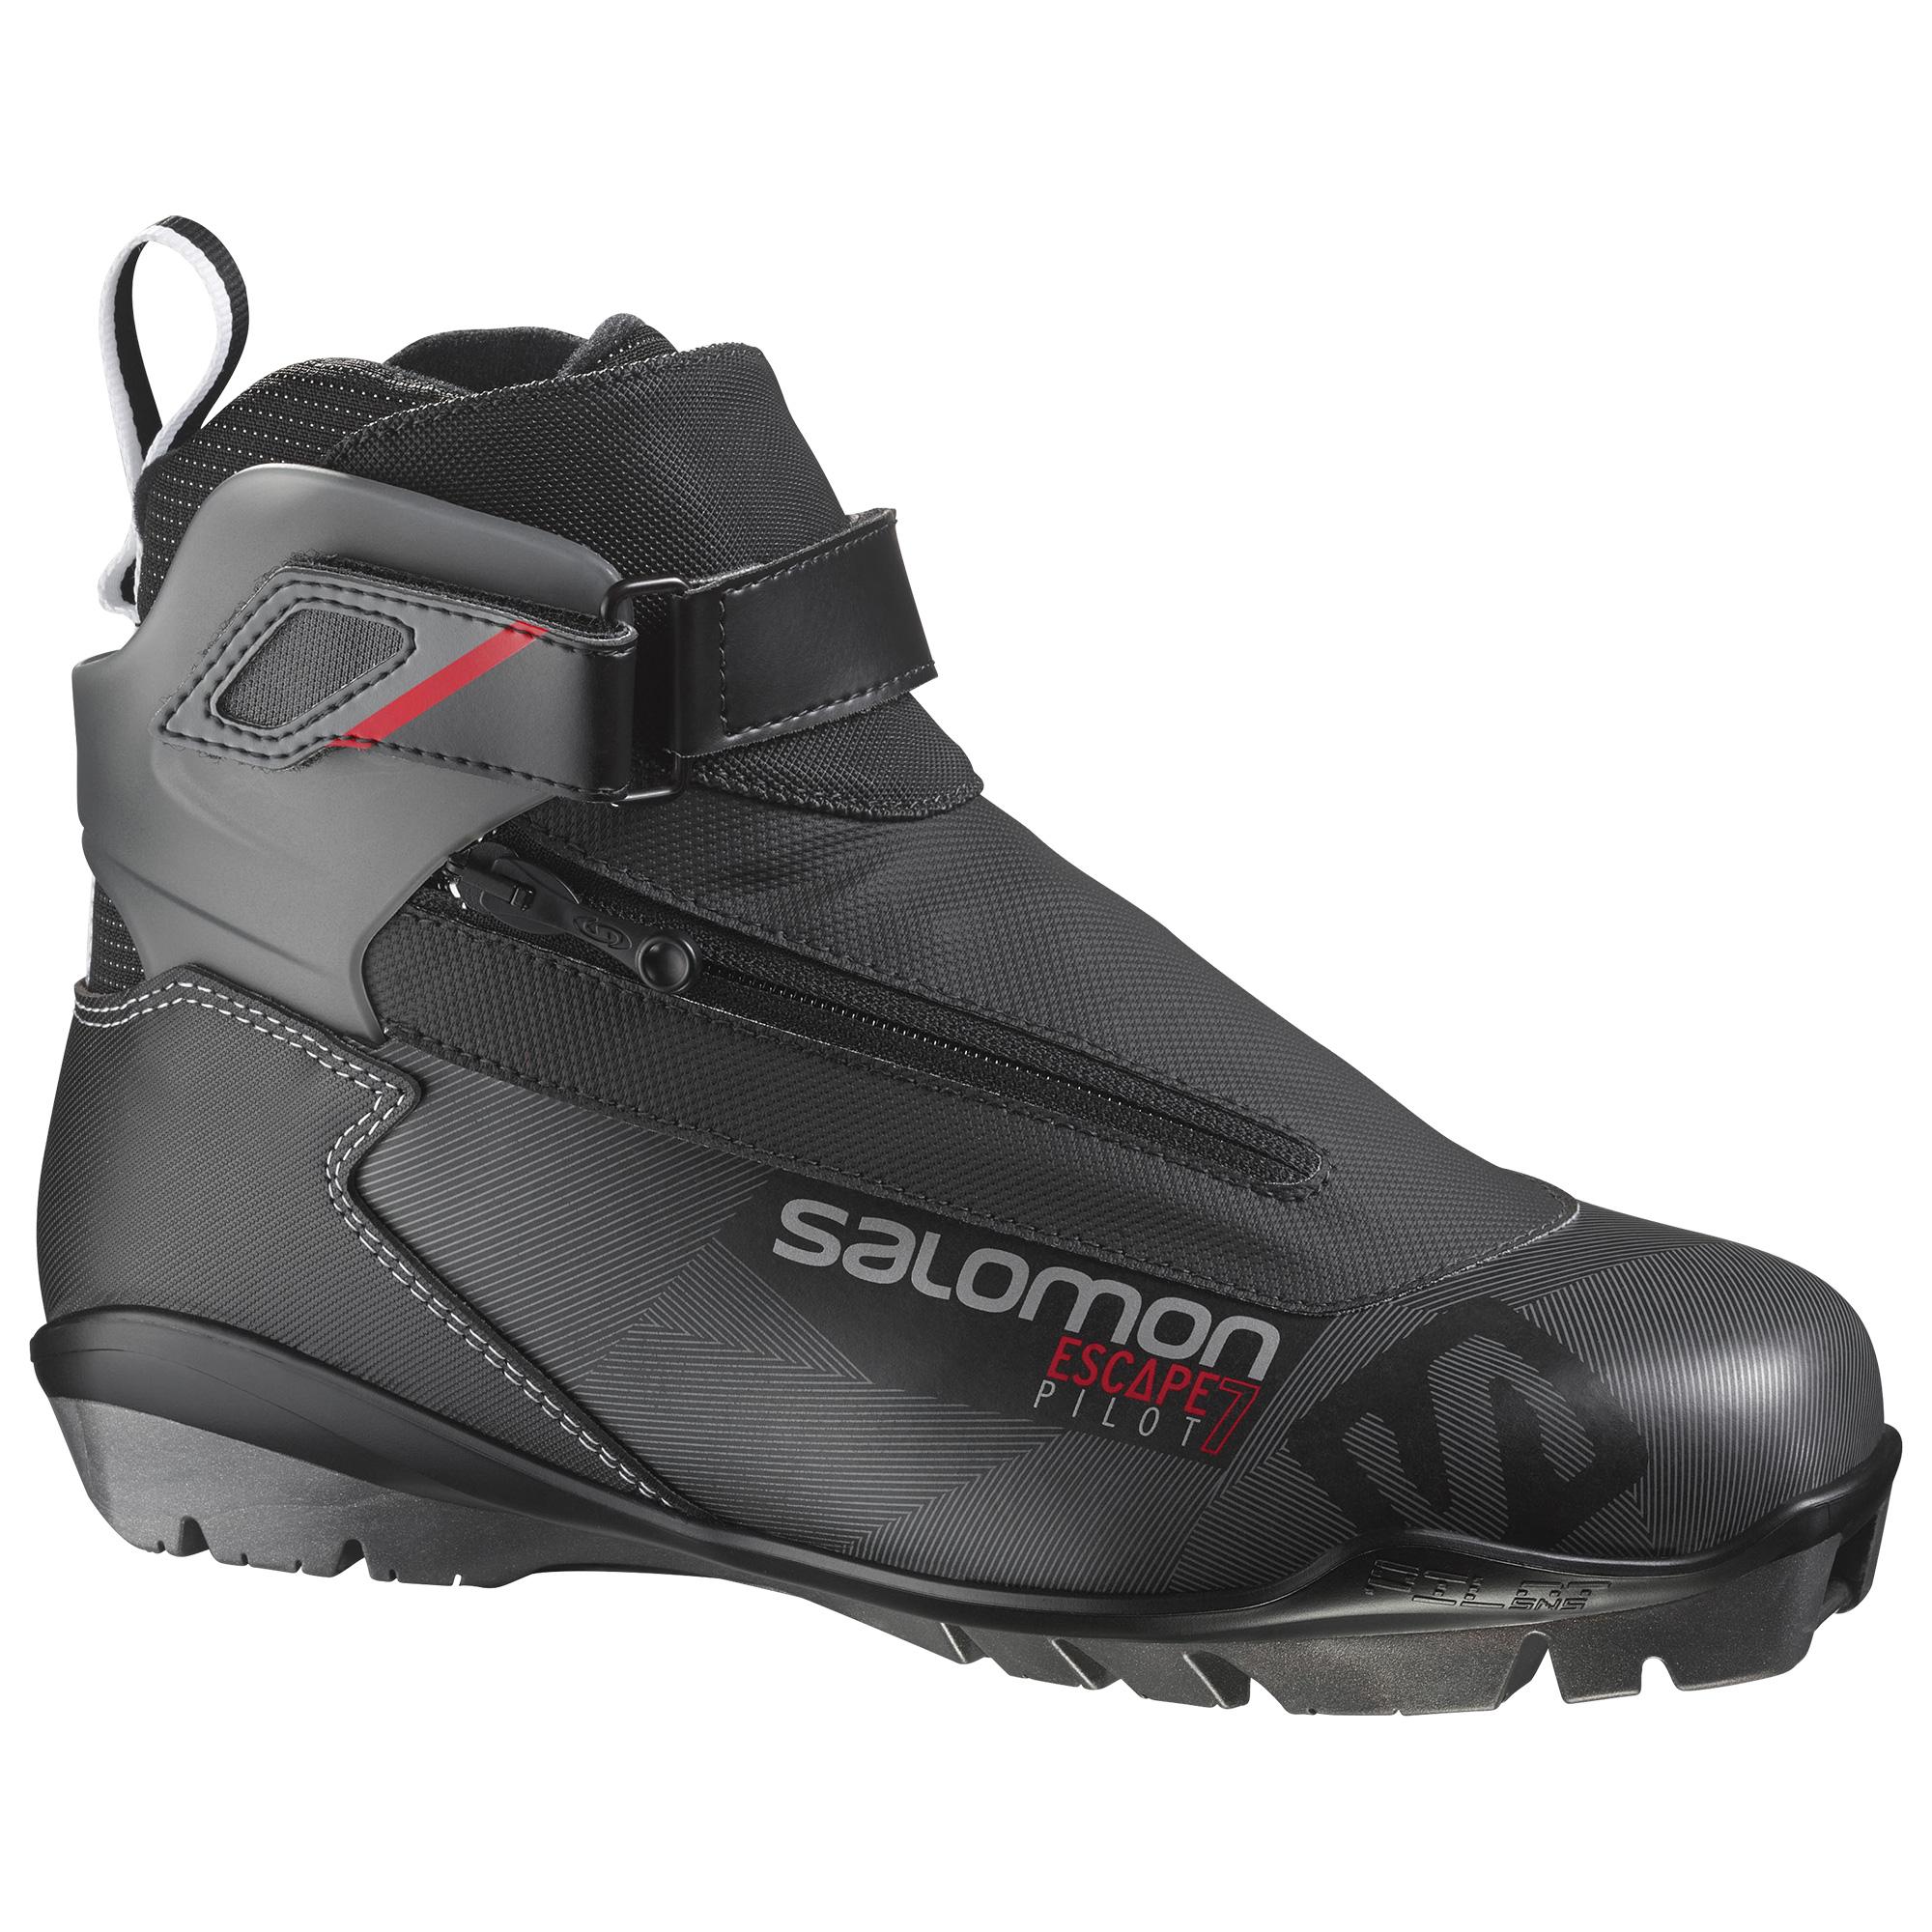 SALOMON ESCAPE 7 PILOT buty biegowe R. 42 (26,5 cm